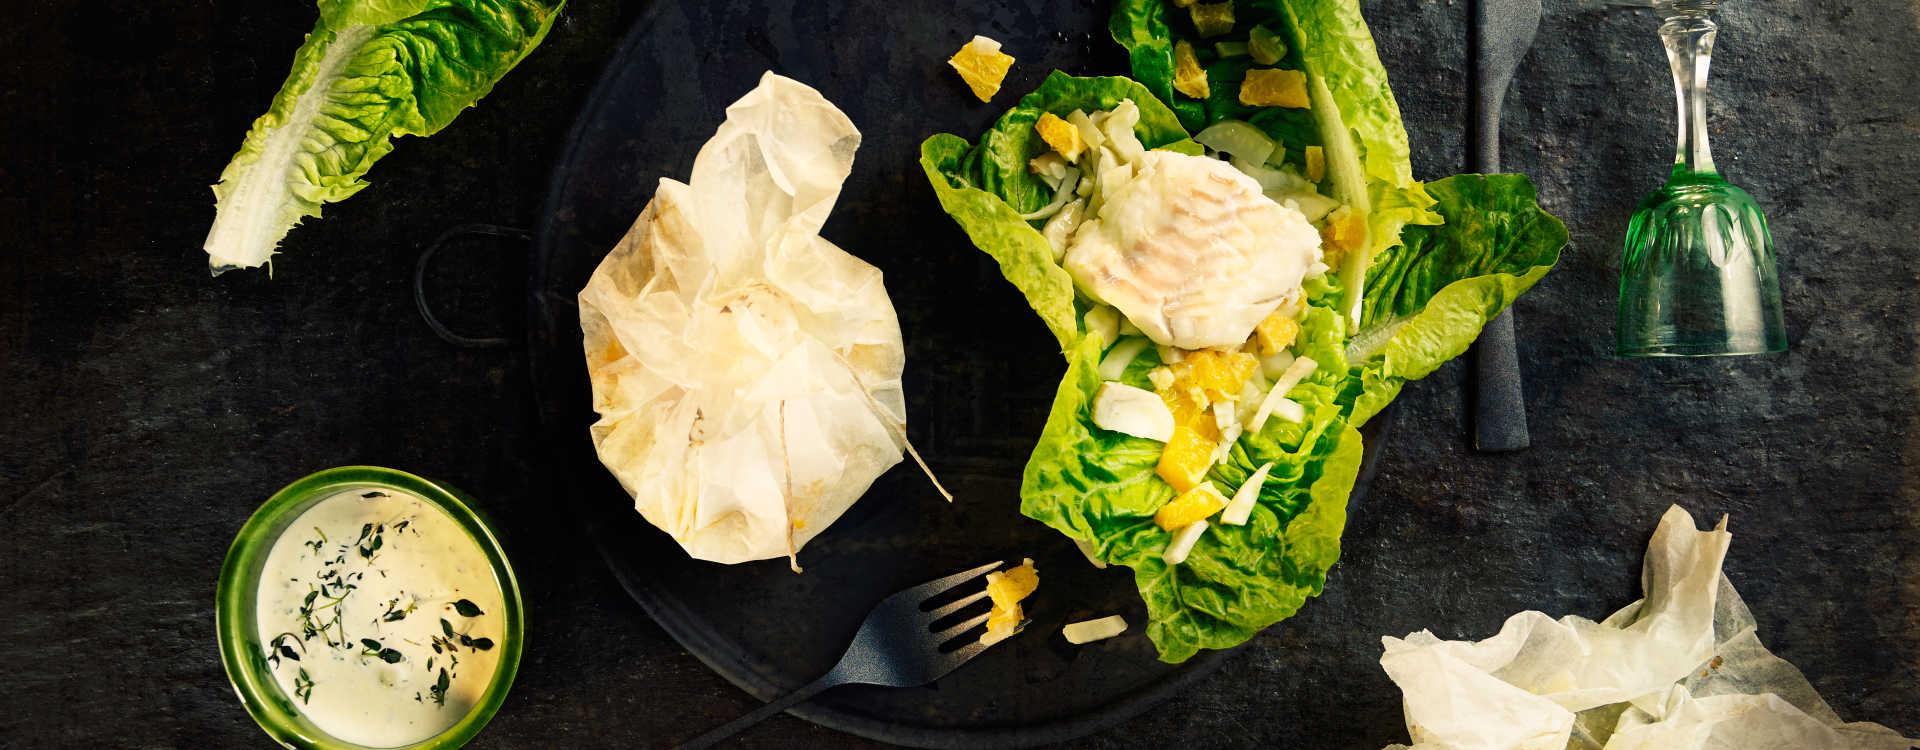 Torskepakke med fennikel, appelsin og grønn salat